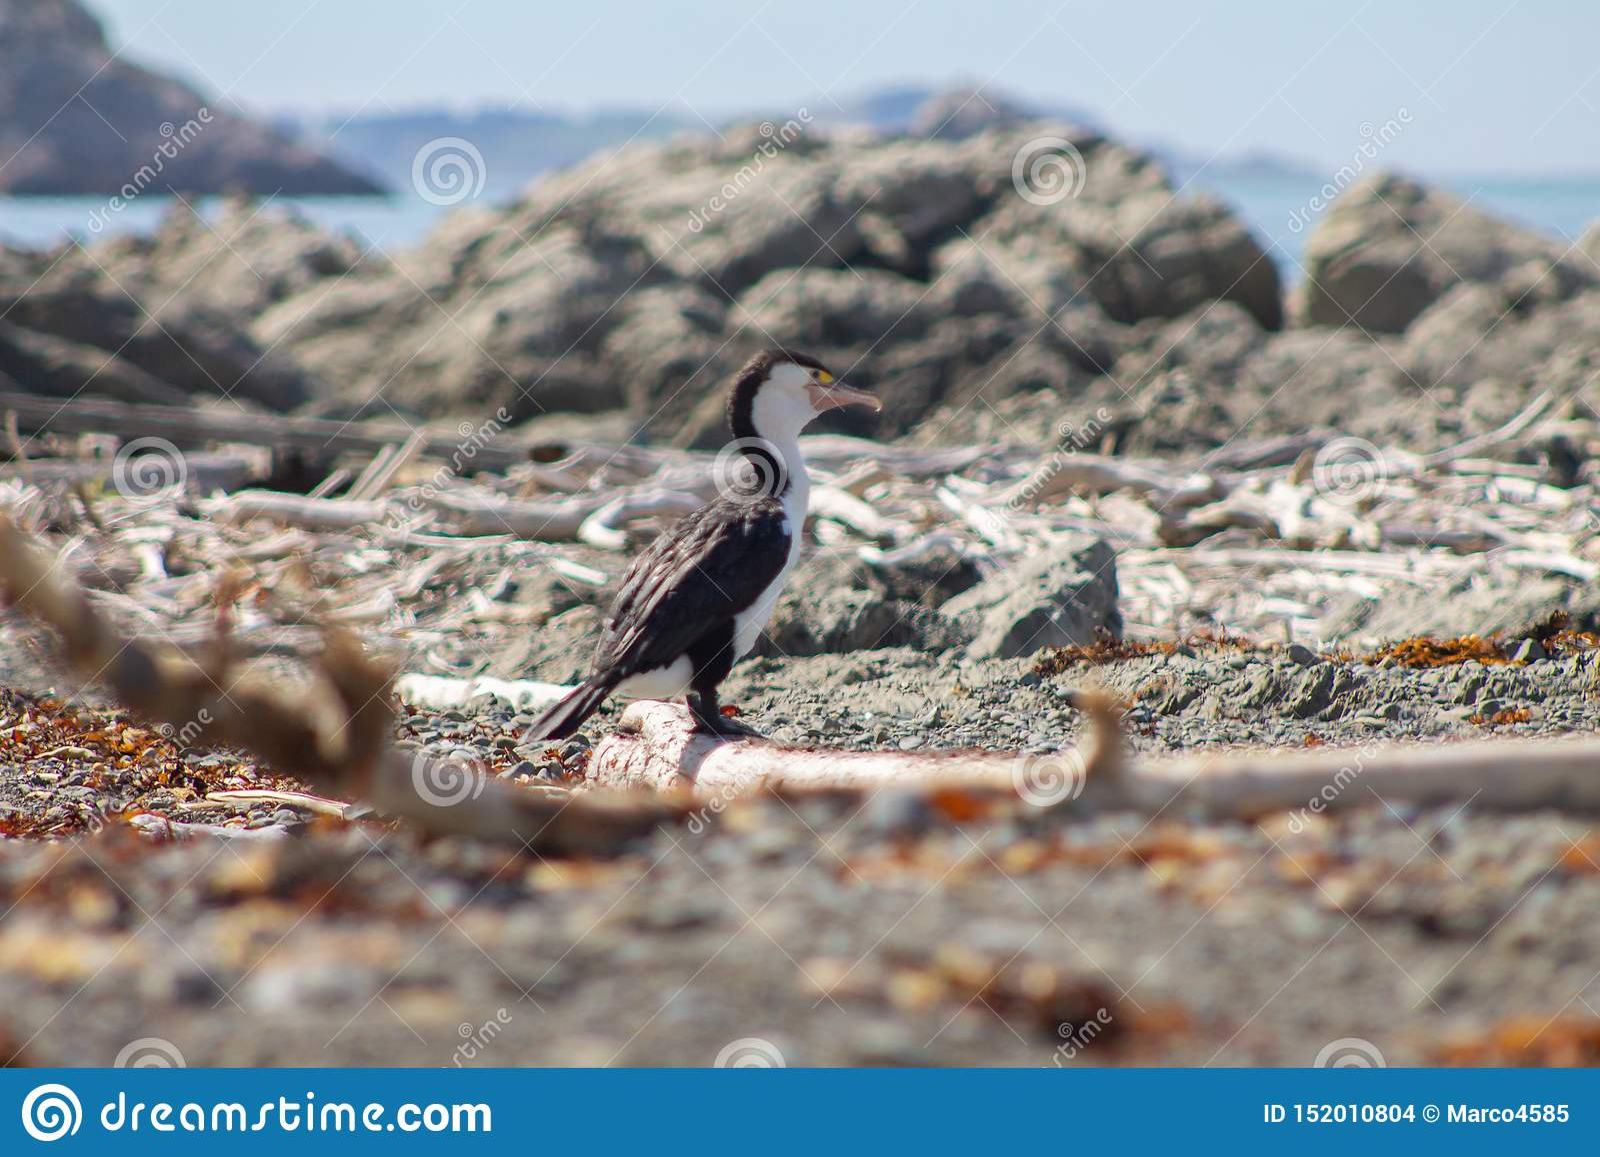 Pied Shag on a beach near Kaikoura